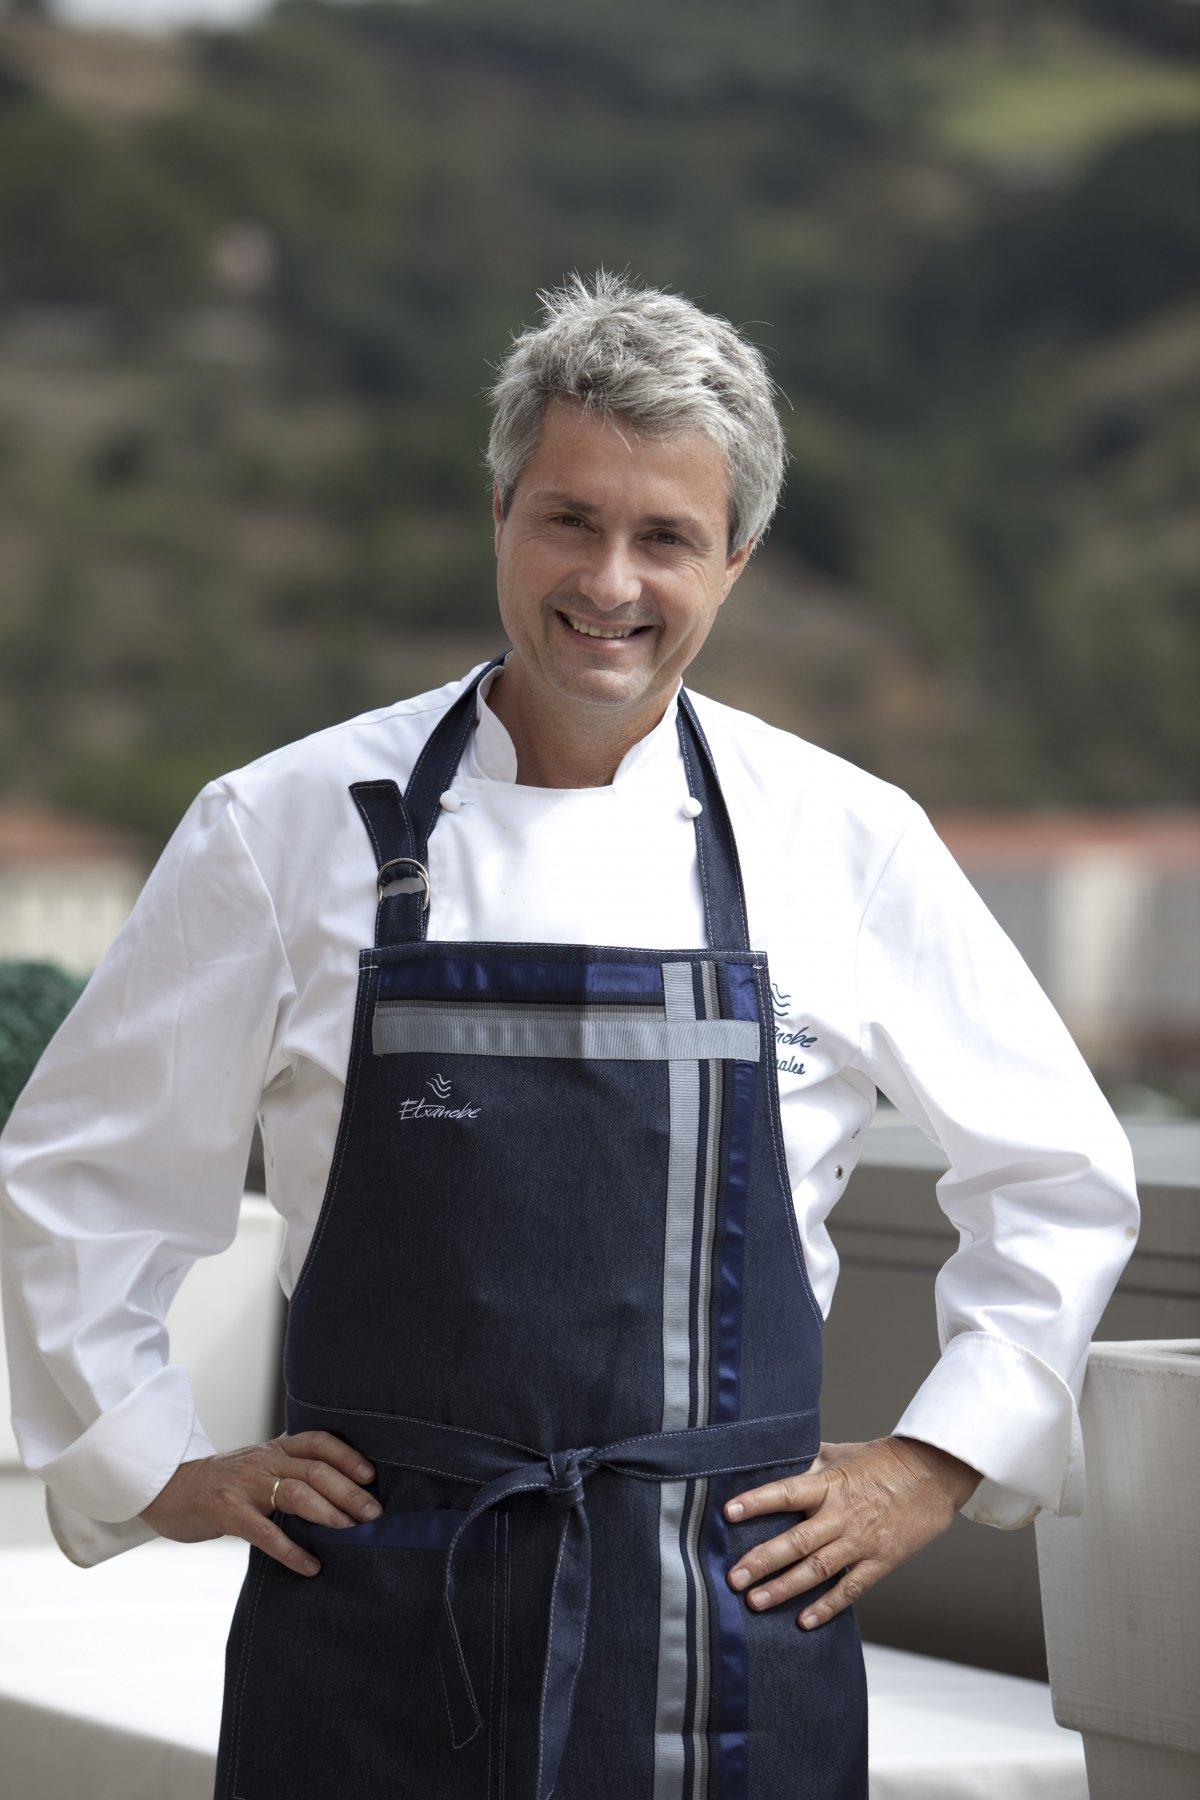 Retrato del chef Fernando Canales de Etxanobe